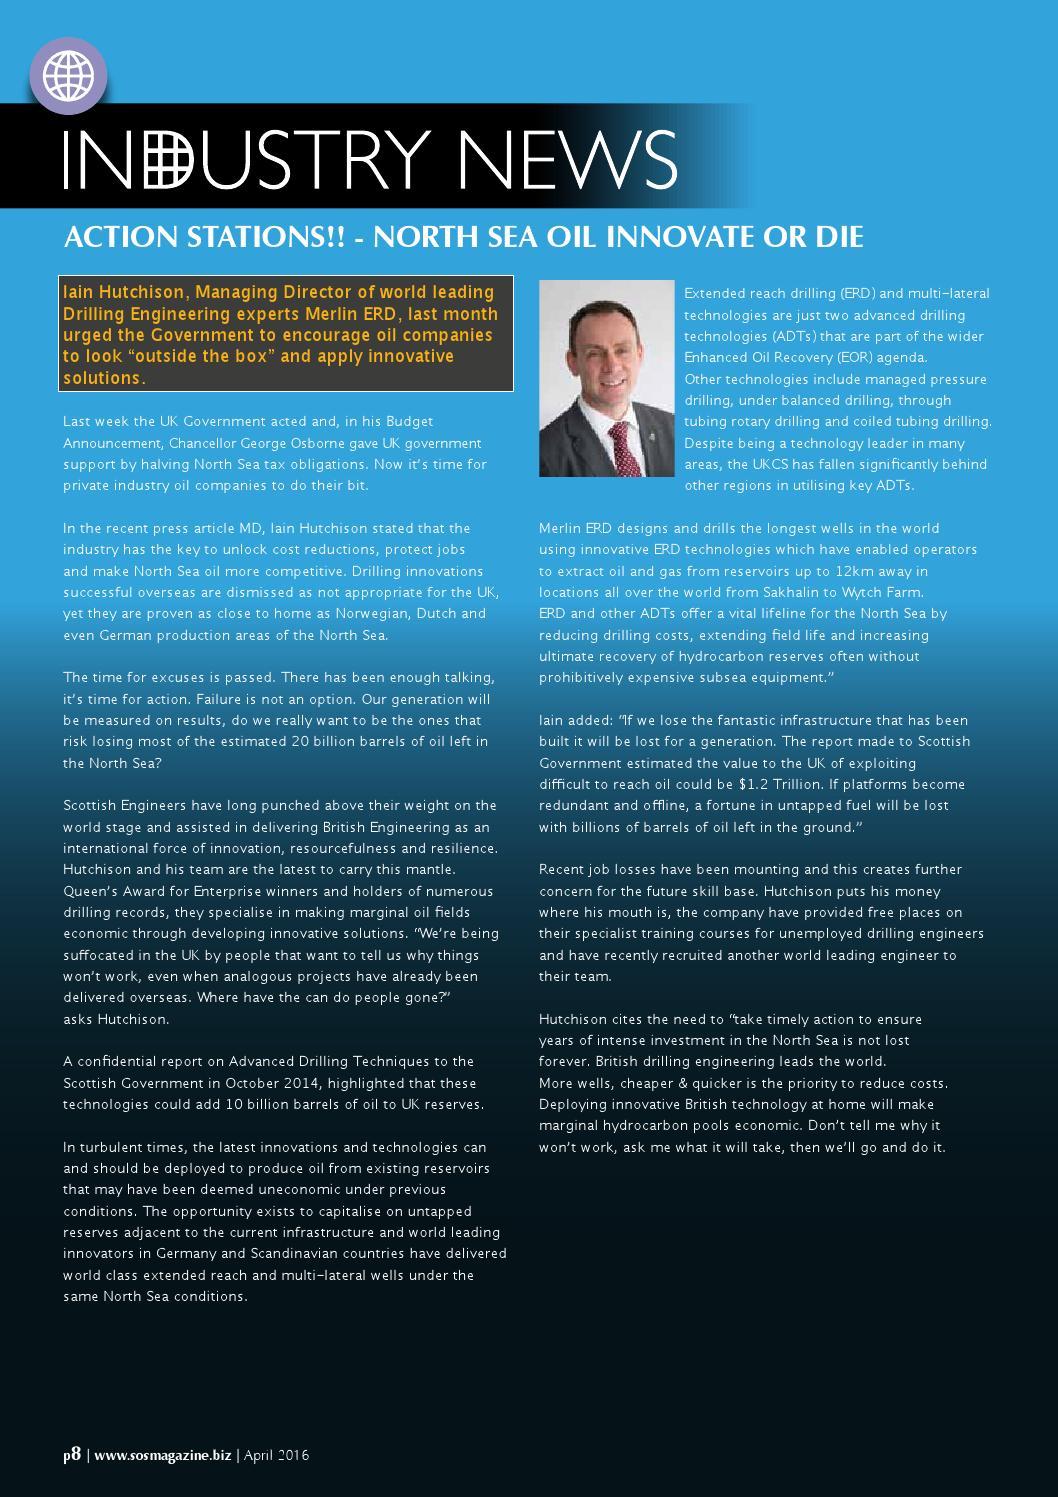 Subsea & Offshore Magazine April 2016 by sosmagazine biz - issuu